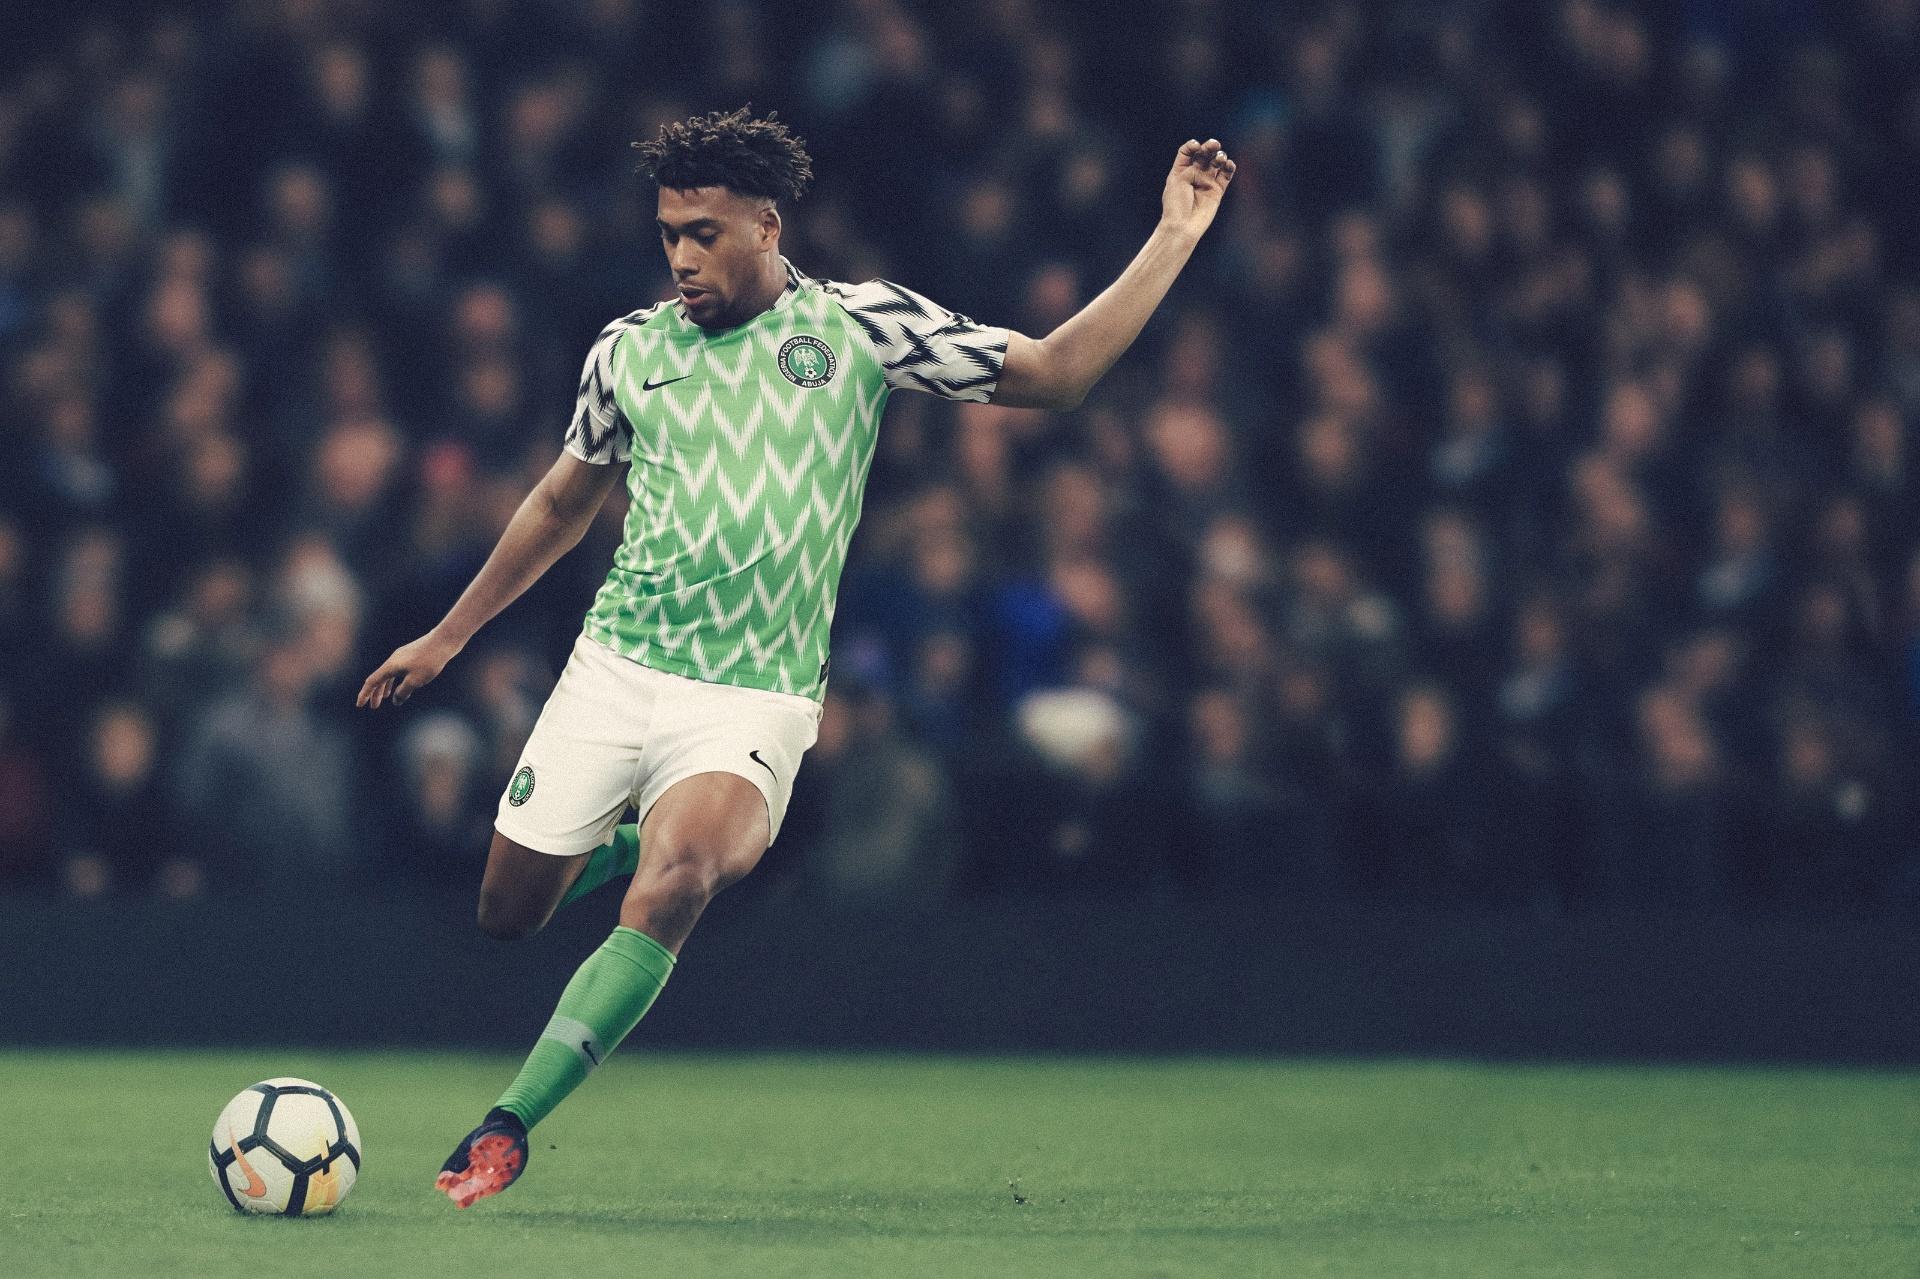 Convocação da Nigéria  Veja a lista de convocados das seleções - UOL Copa  do Mundo 2018 2f52cf0de26f4